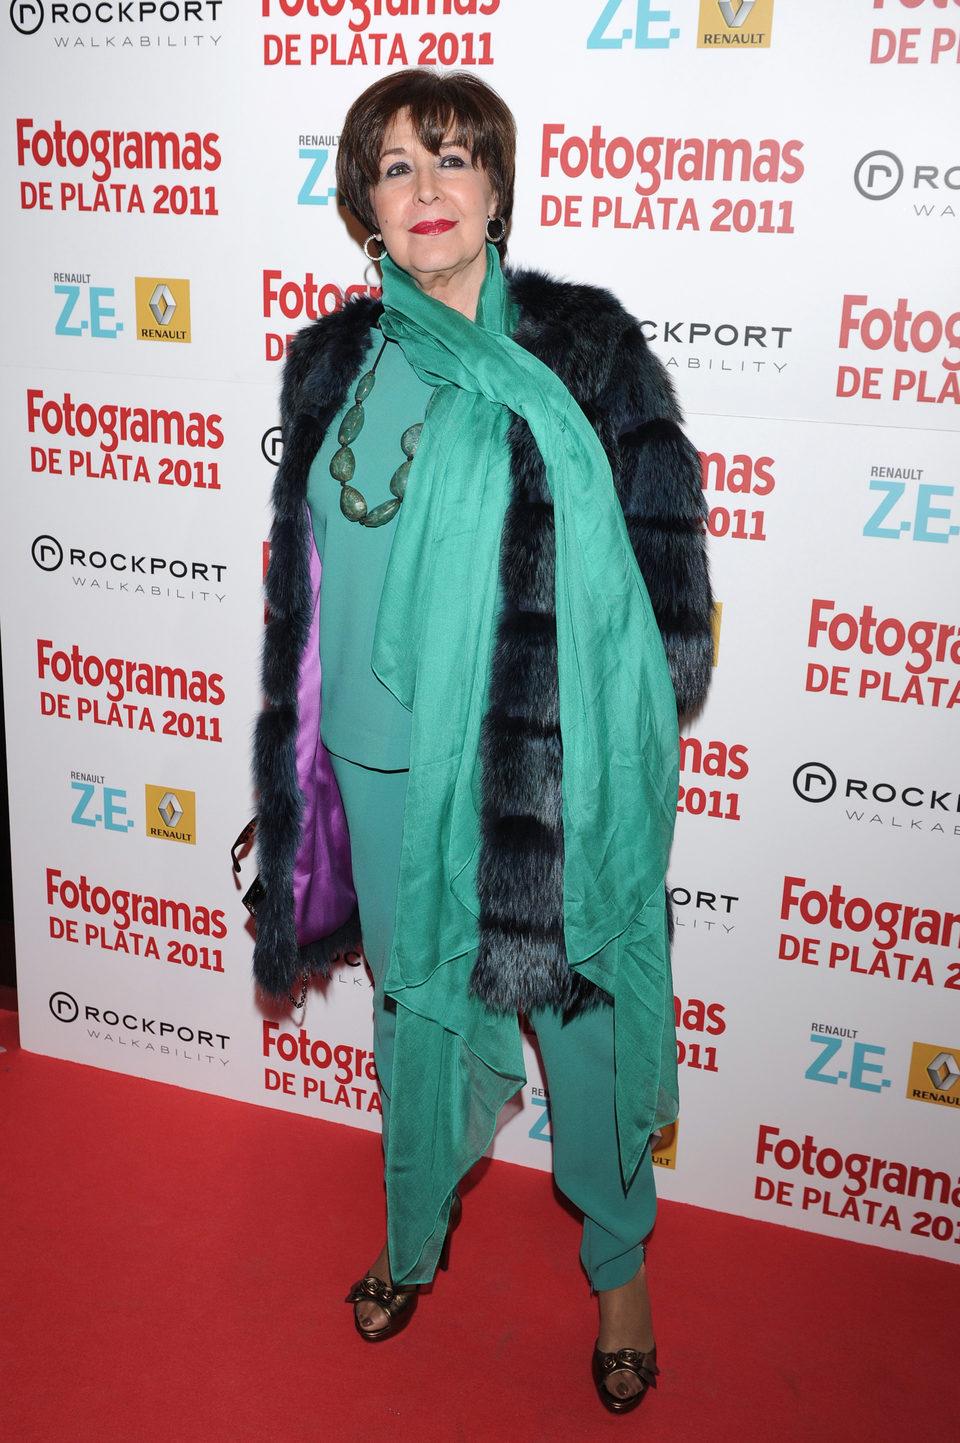 Concha Velasco en los Fotogramas de Plata 2011